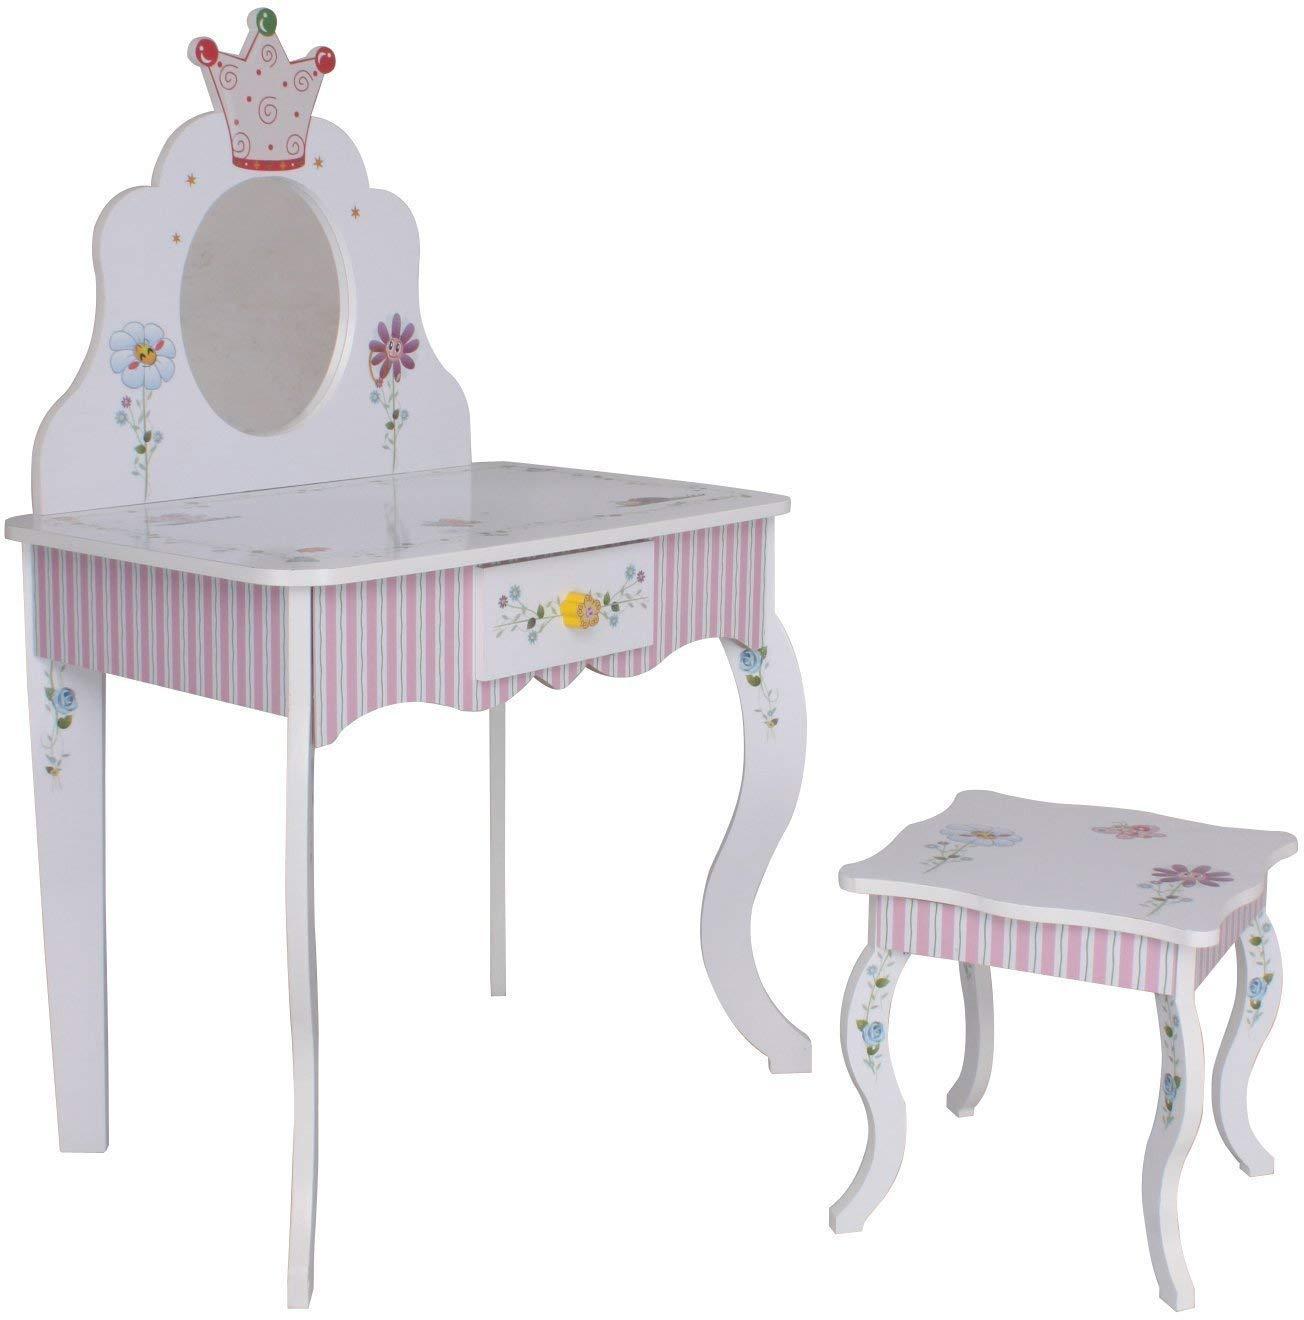 Habeig Schminktisch  988 Kinder Frisiertisch Tisch Prinzessin rosa Weiss Sitzgruppe Hocker